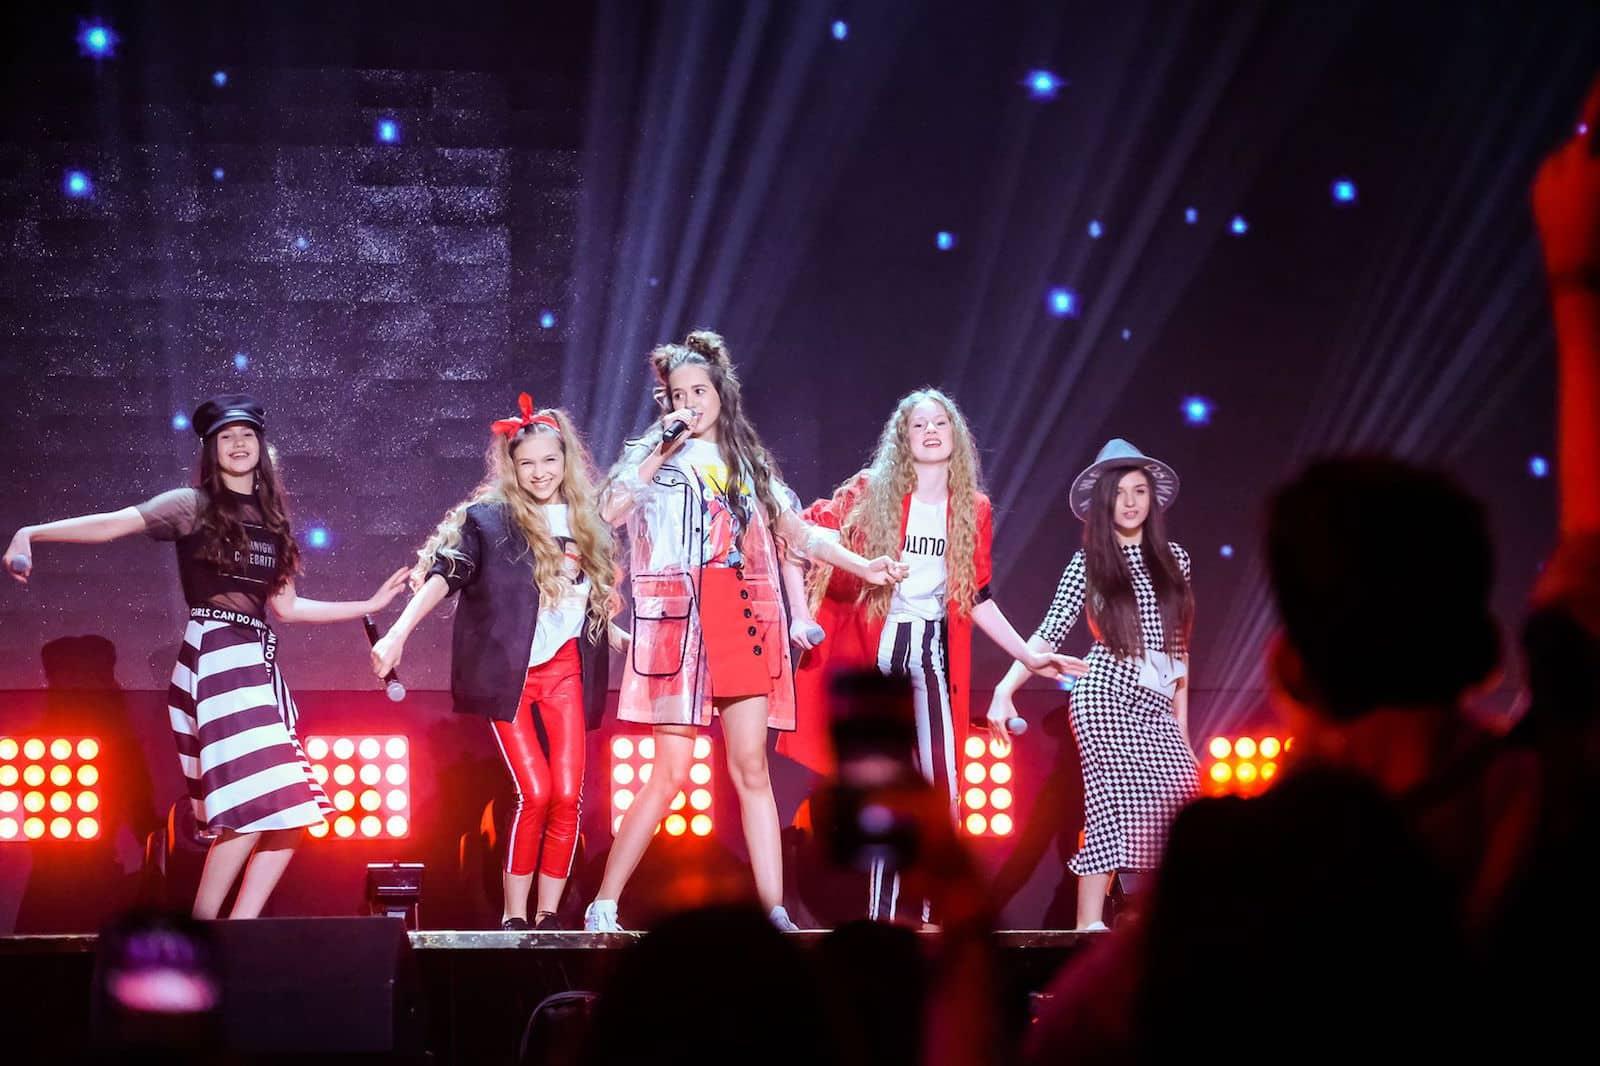 Концерт «Девичник TEENS» в Москве 20 марта 2019